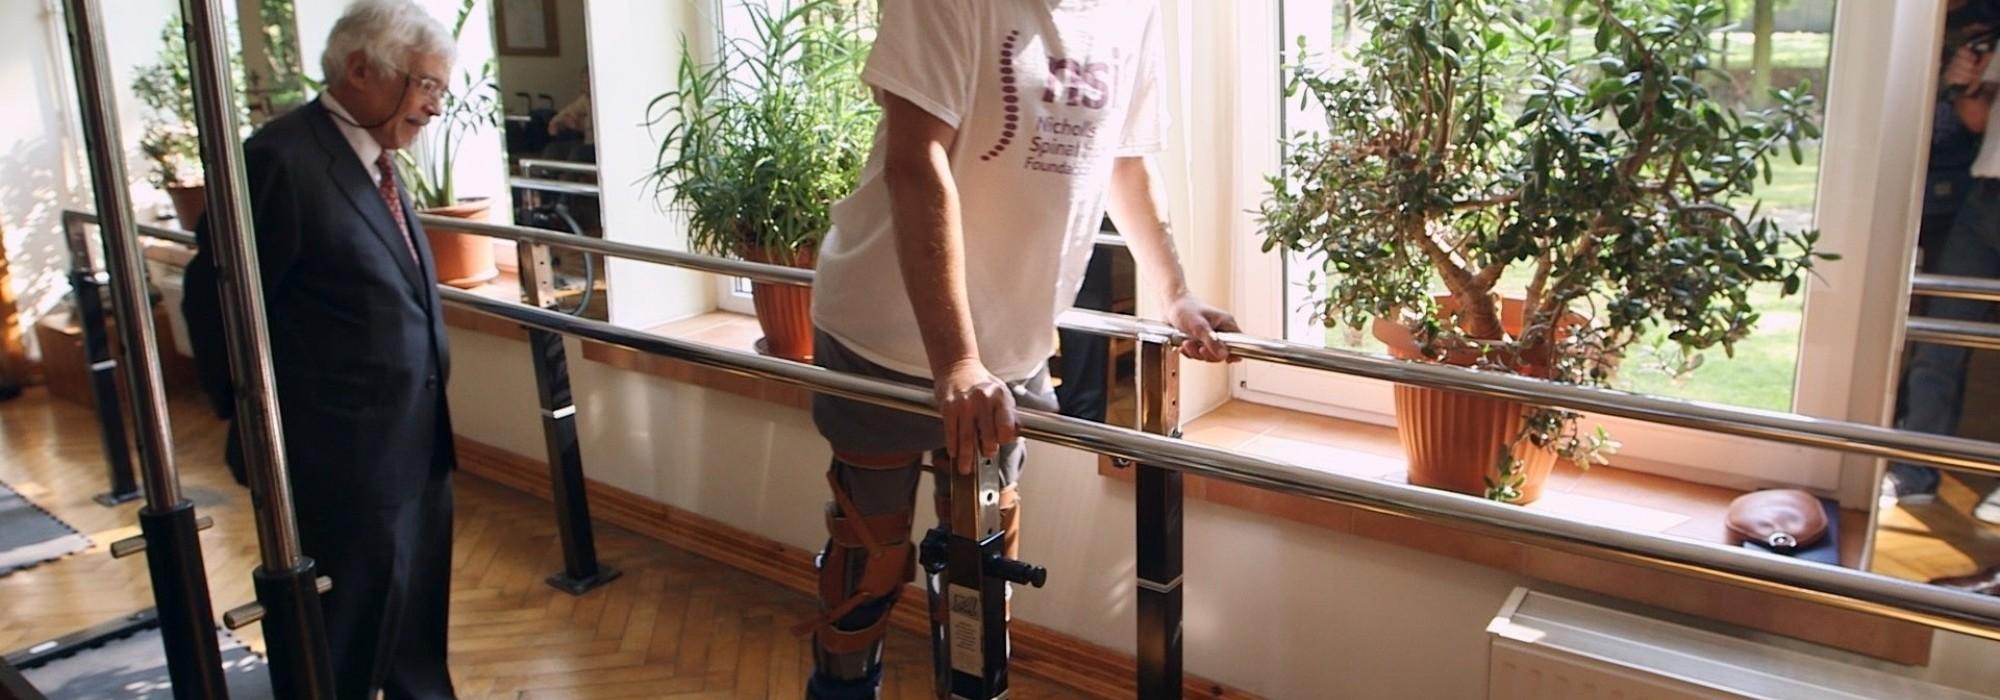 Spinal surgery breakthrough